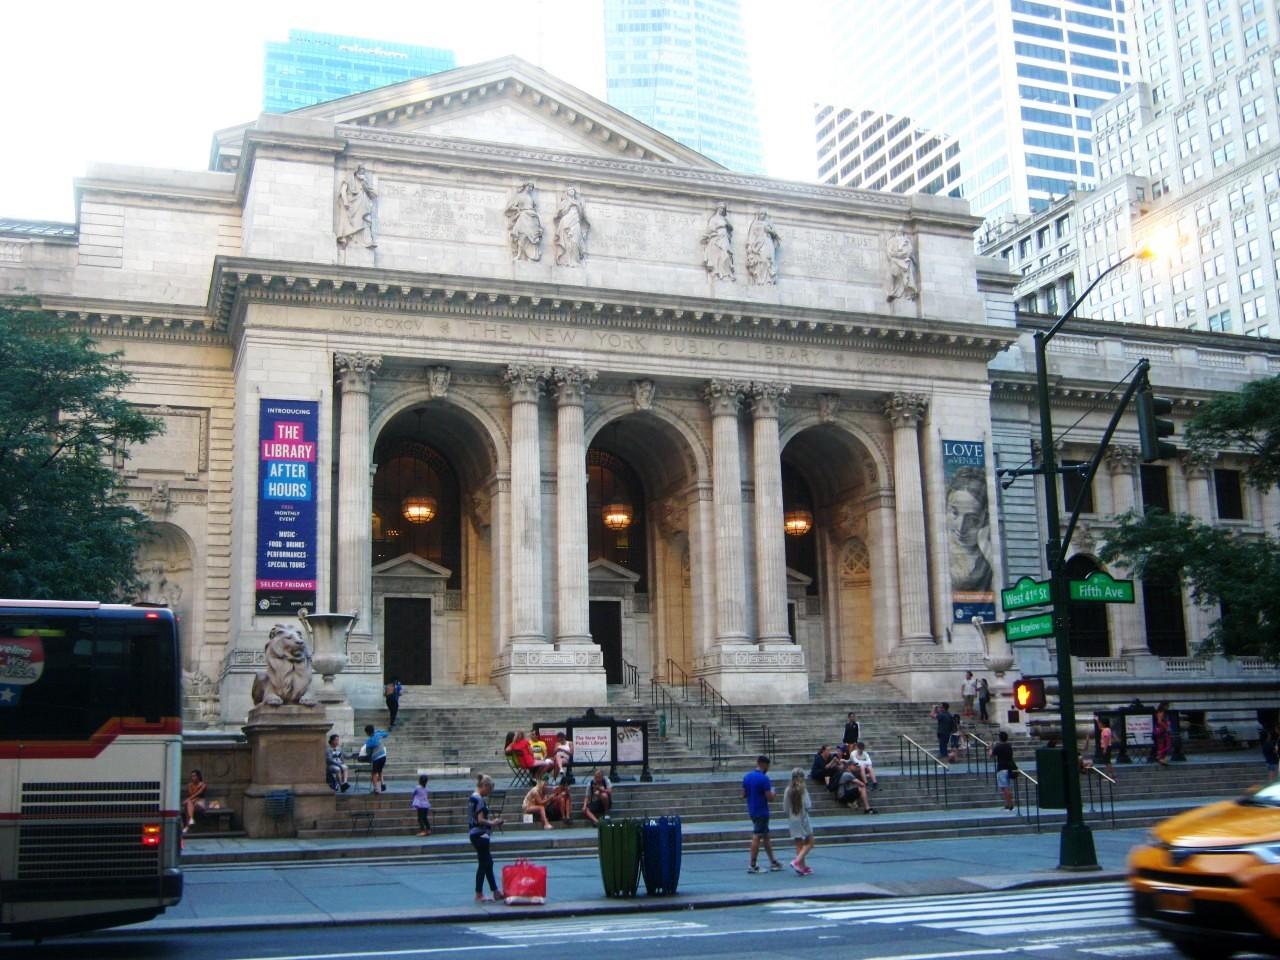 マンハッタン5番街にあるニューヨーク公共図書館。